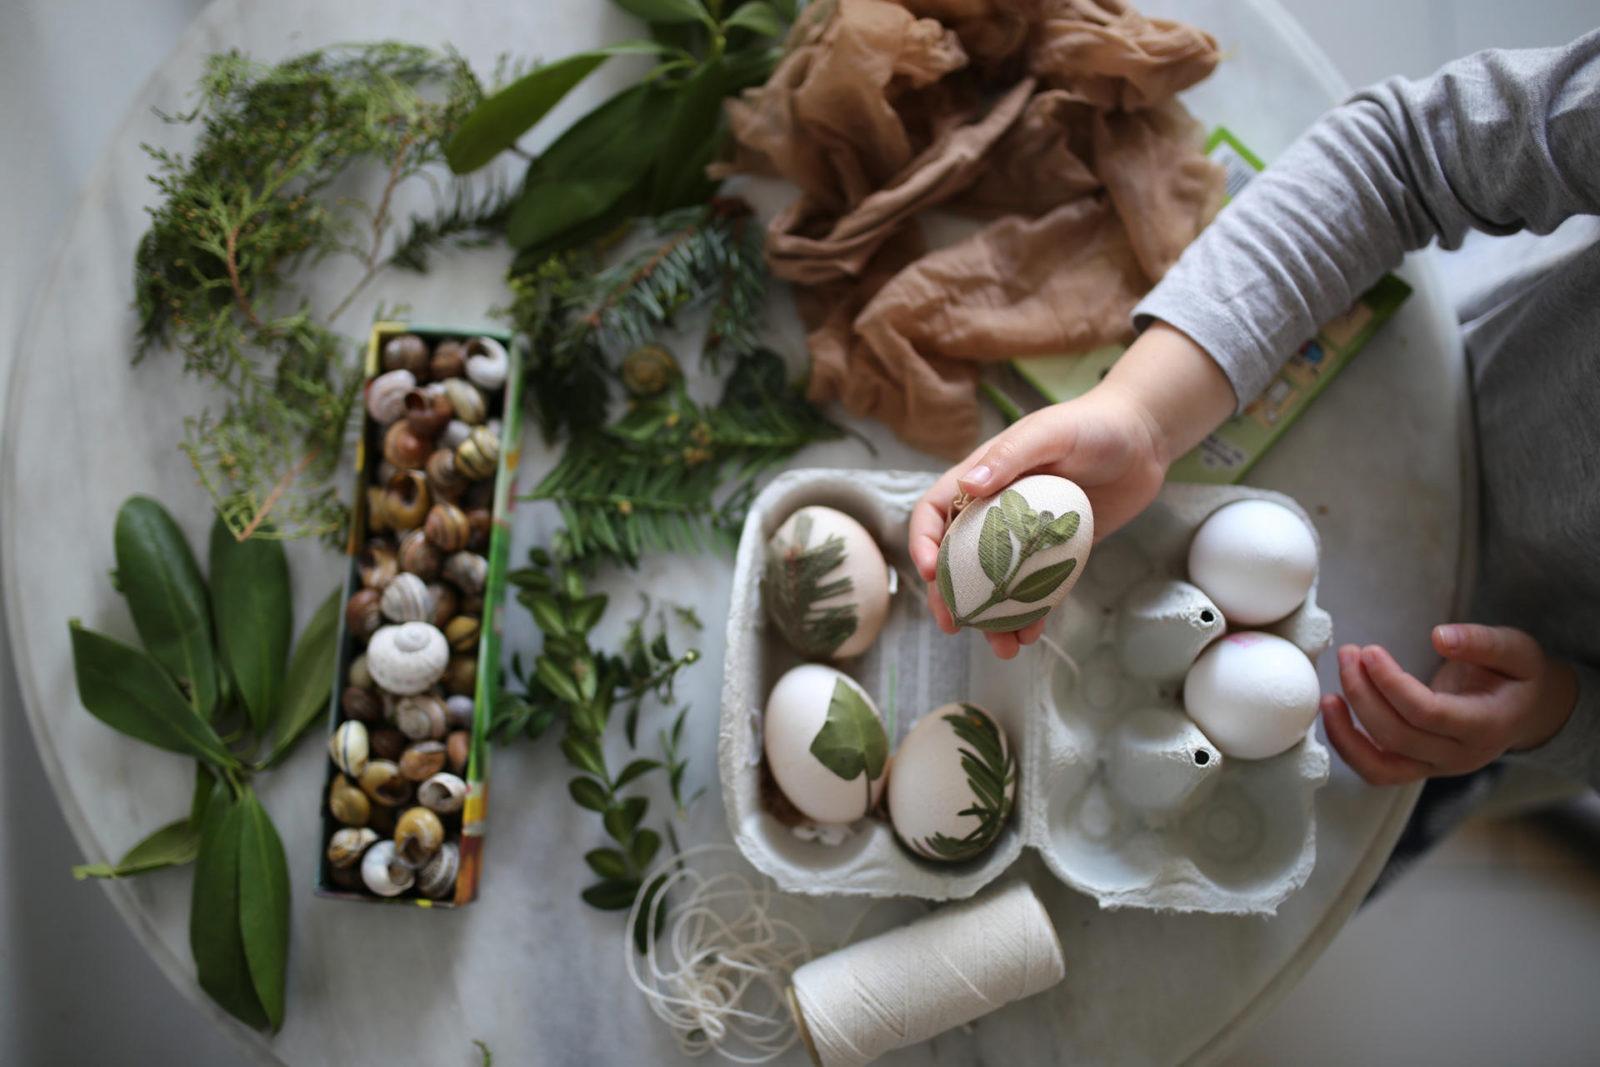 Einfacher Oster-Kinderspaß: Bunte #Ostereier mit Blättern färben #Ostereierfärben #bastelnmitkindern #ostern | Pinspiration